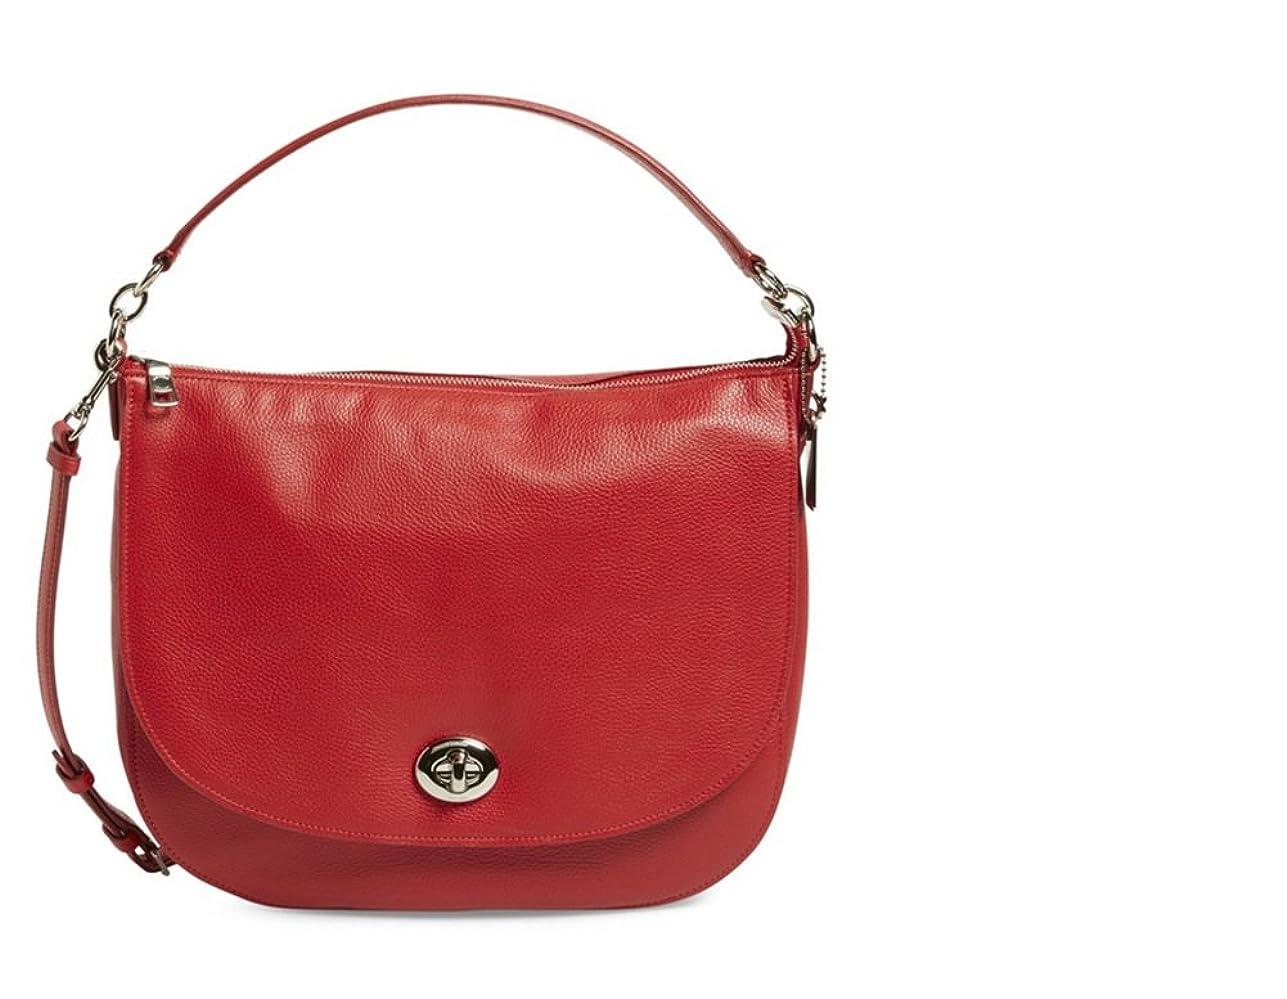 眠っている厳持参【コーチ】COACH Turnlock Leather Hobo レザー ホーボー 女性用 5037872 (並行輸入品) TOVALLEY (True Red)